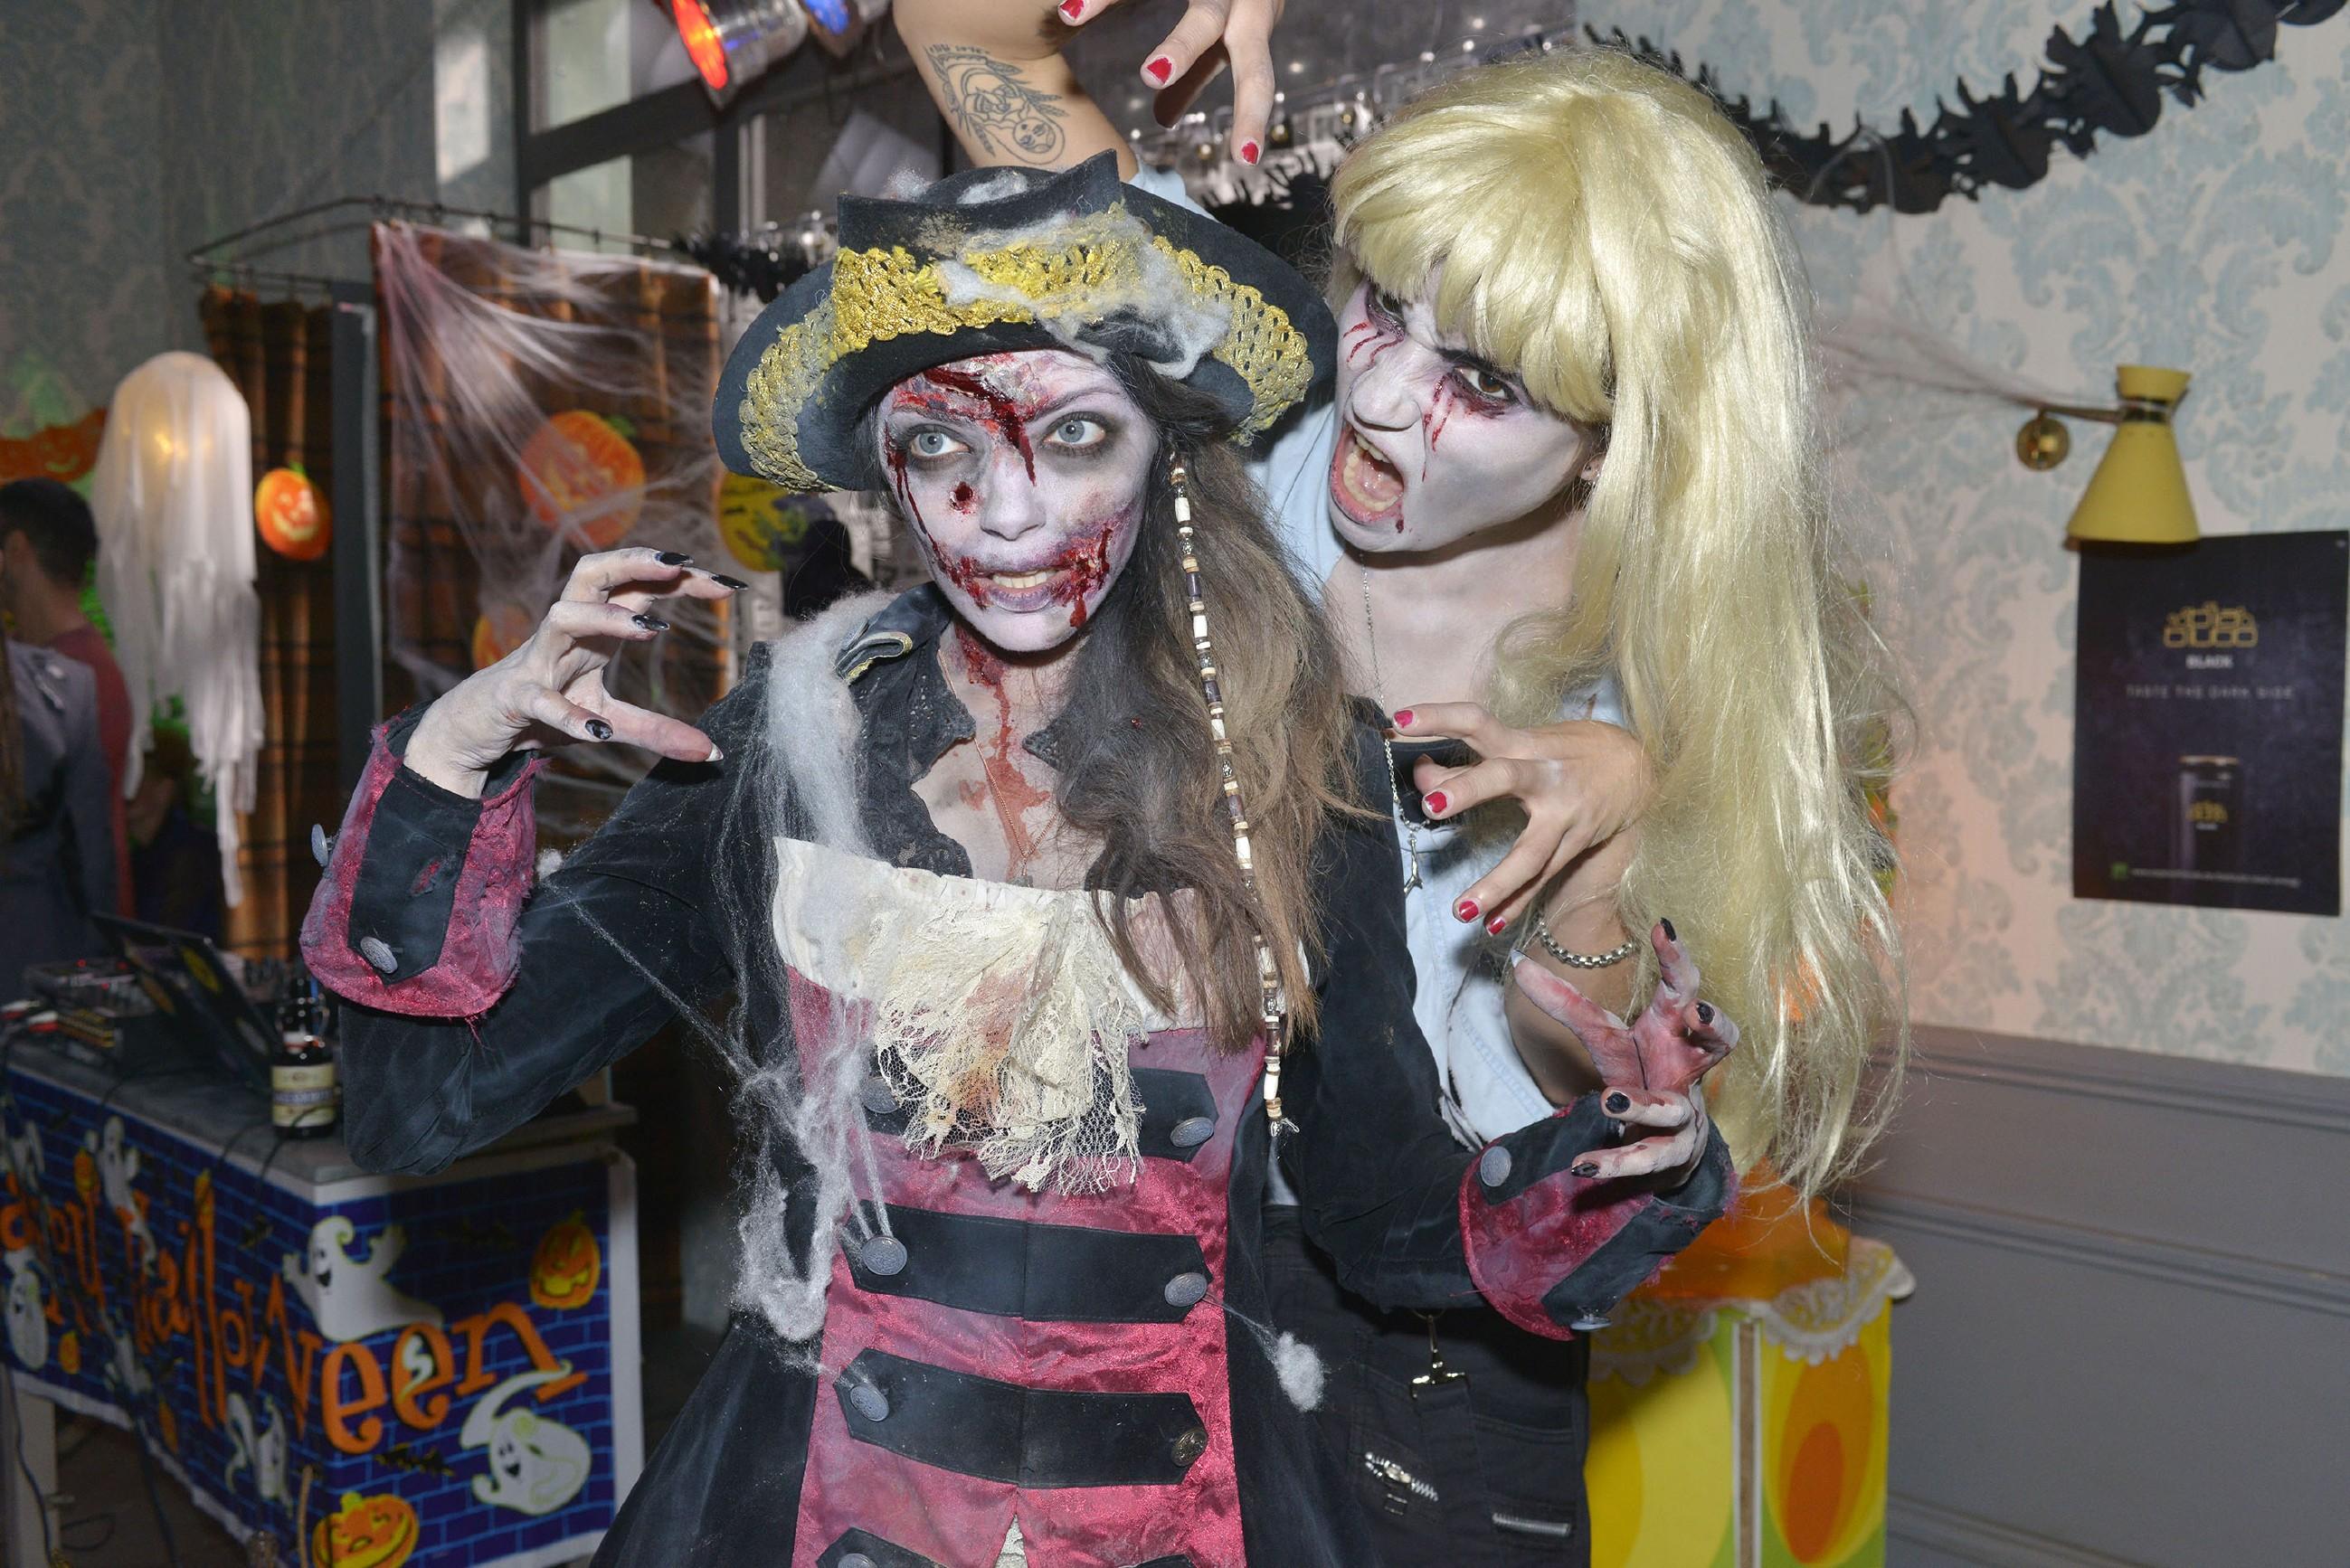 Emily (Anne Menden, l.) und Anni (Linda Marlen Runge) haben sich gruselig-morbide kostümiert und amüsieren sich auf einer Halloweenparty. (Quelle: RTL / Rolf Baumgartner)